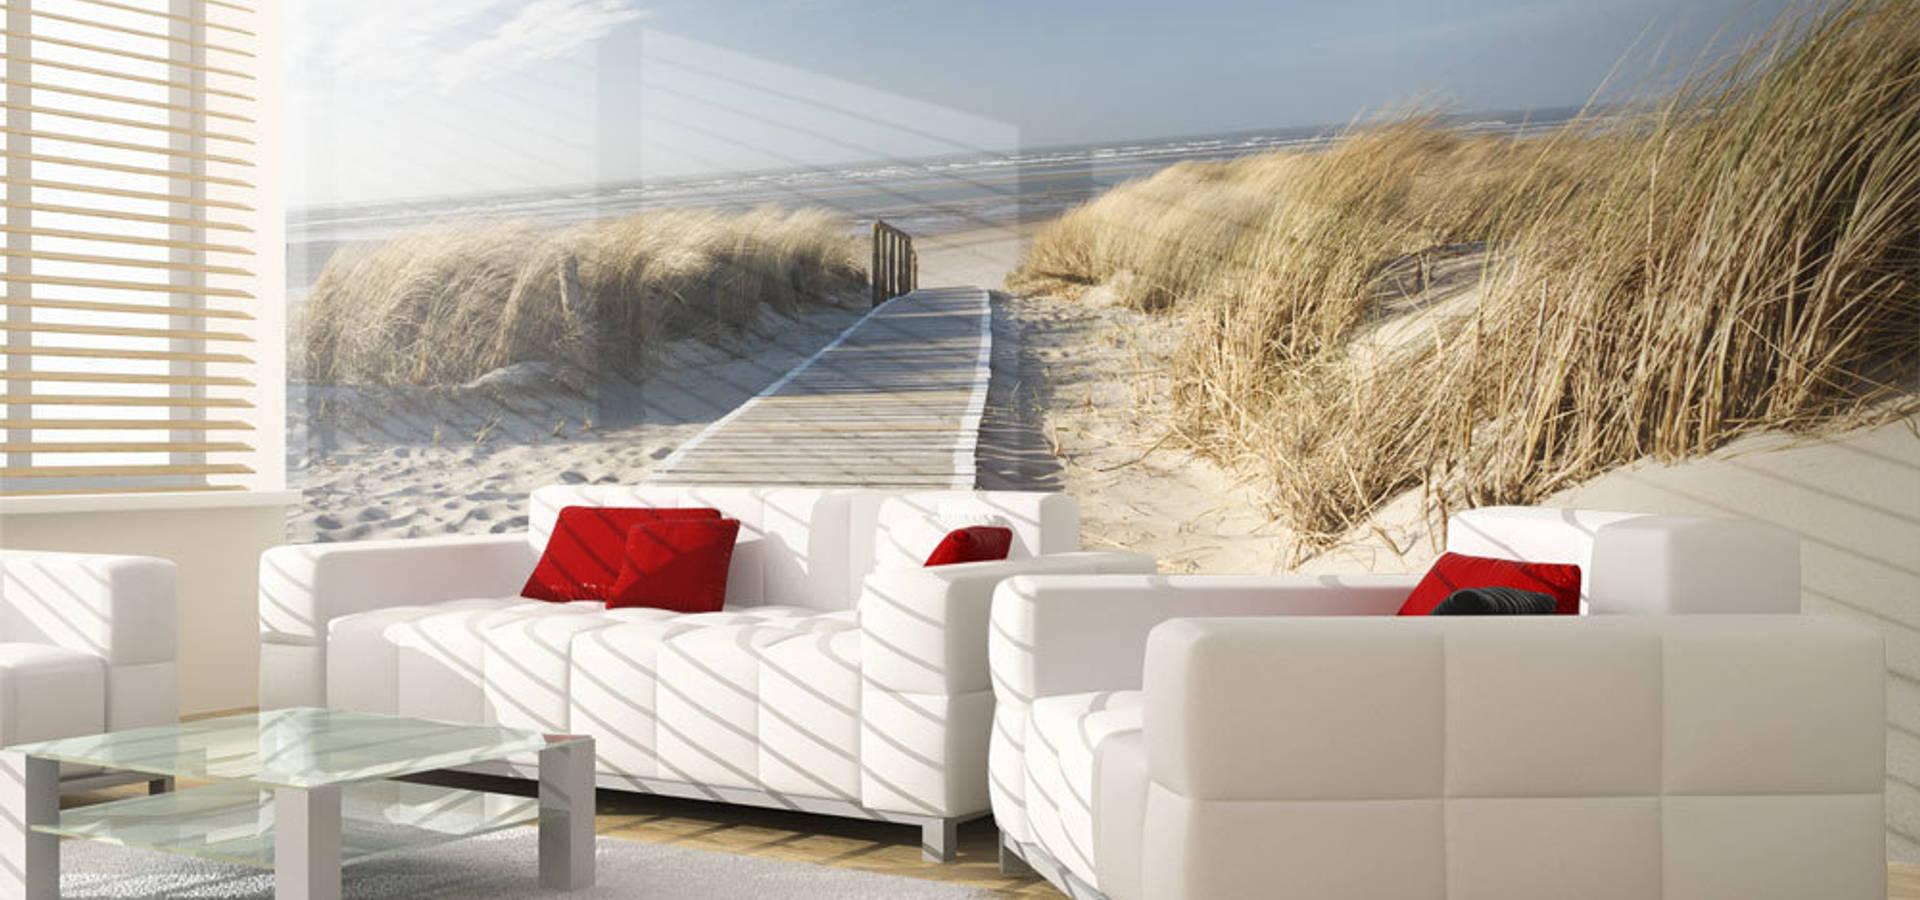 vliestapeten von hitmeister gmbh homify. Black Bedroom Furniture Sets. Home Design Ideas